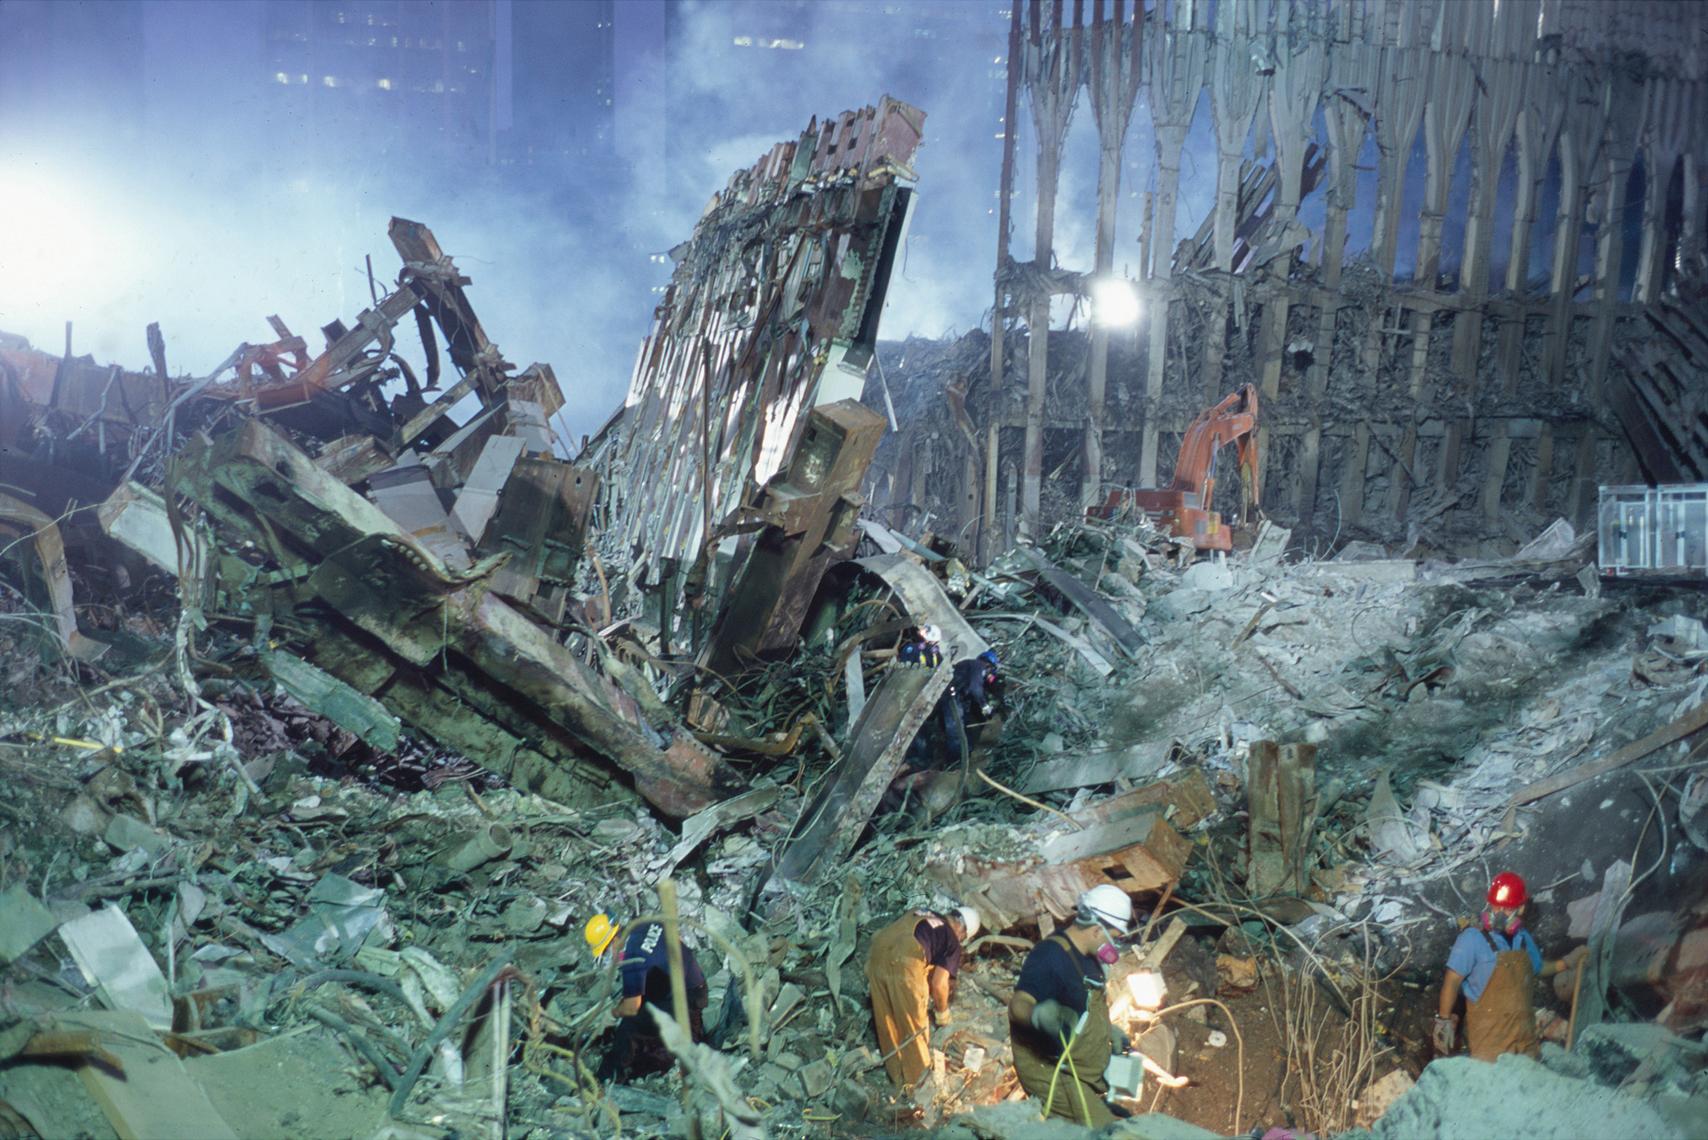 joel_meyerowitz_searchers_in_rubble